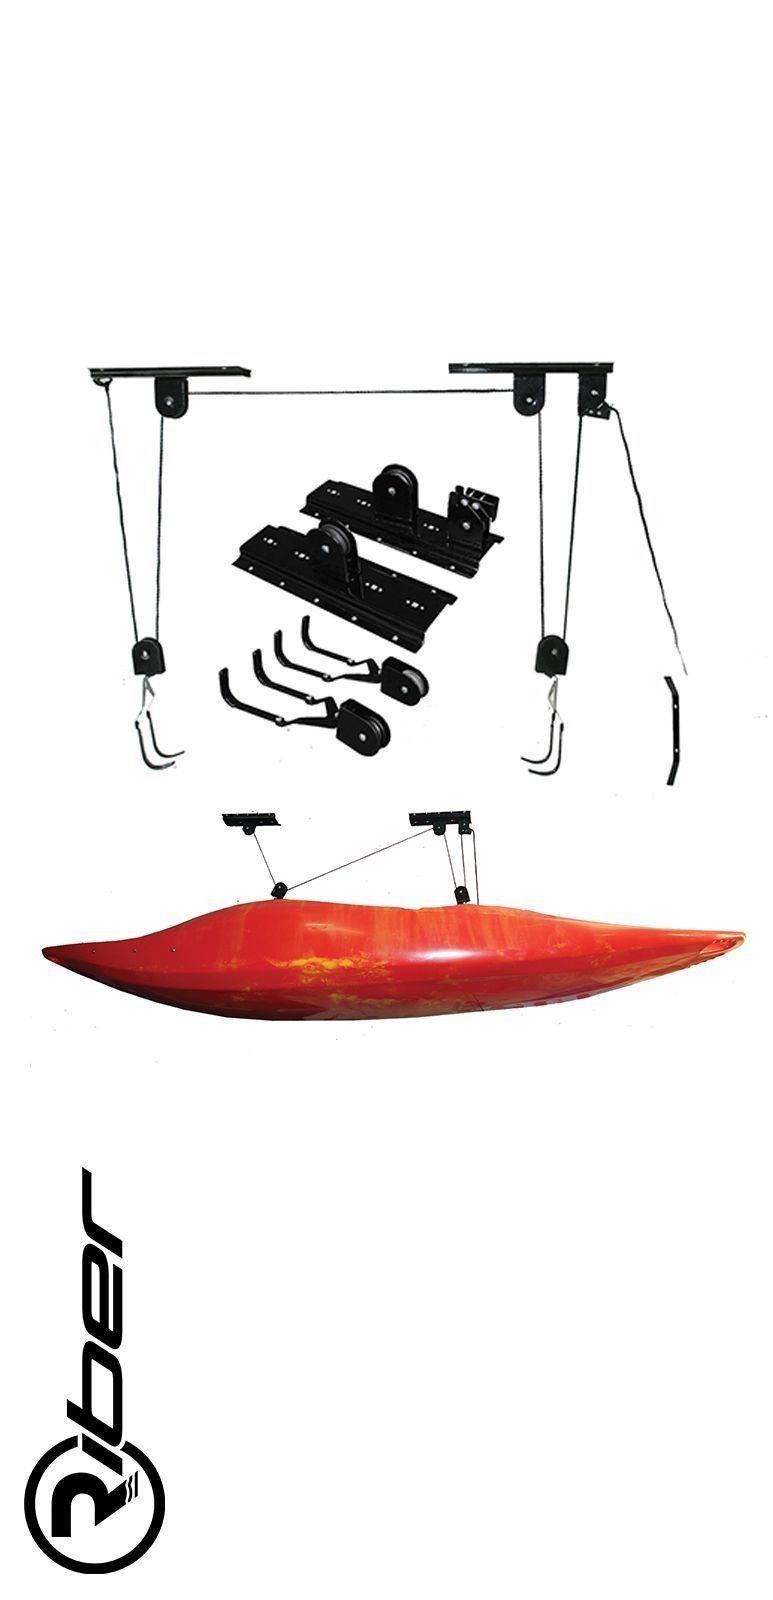 RIBER Kayak/Cycle Storage Lift